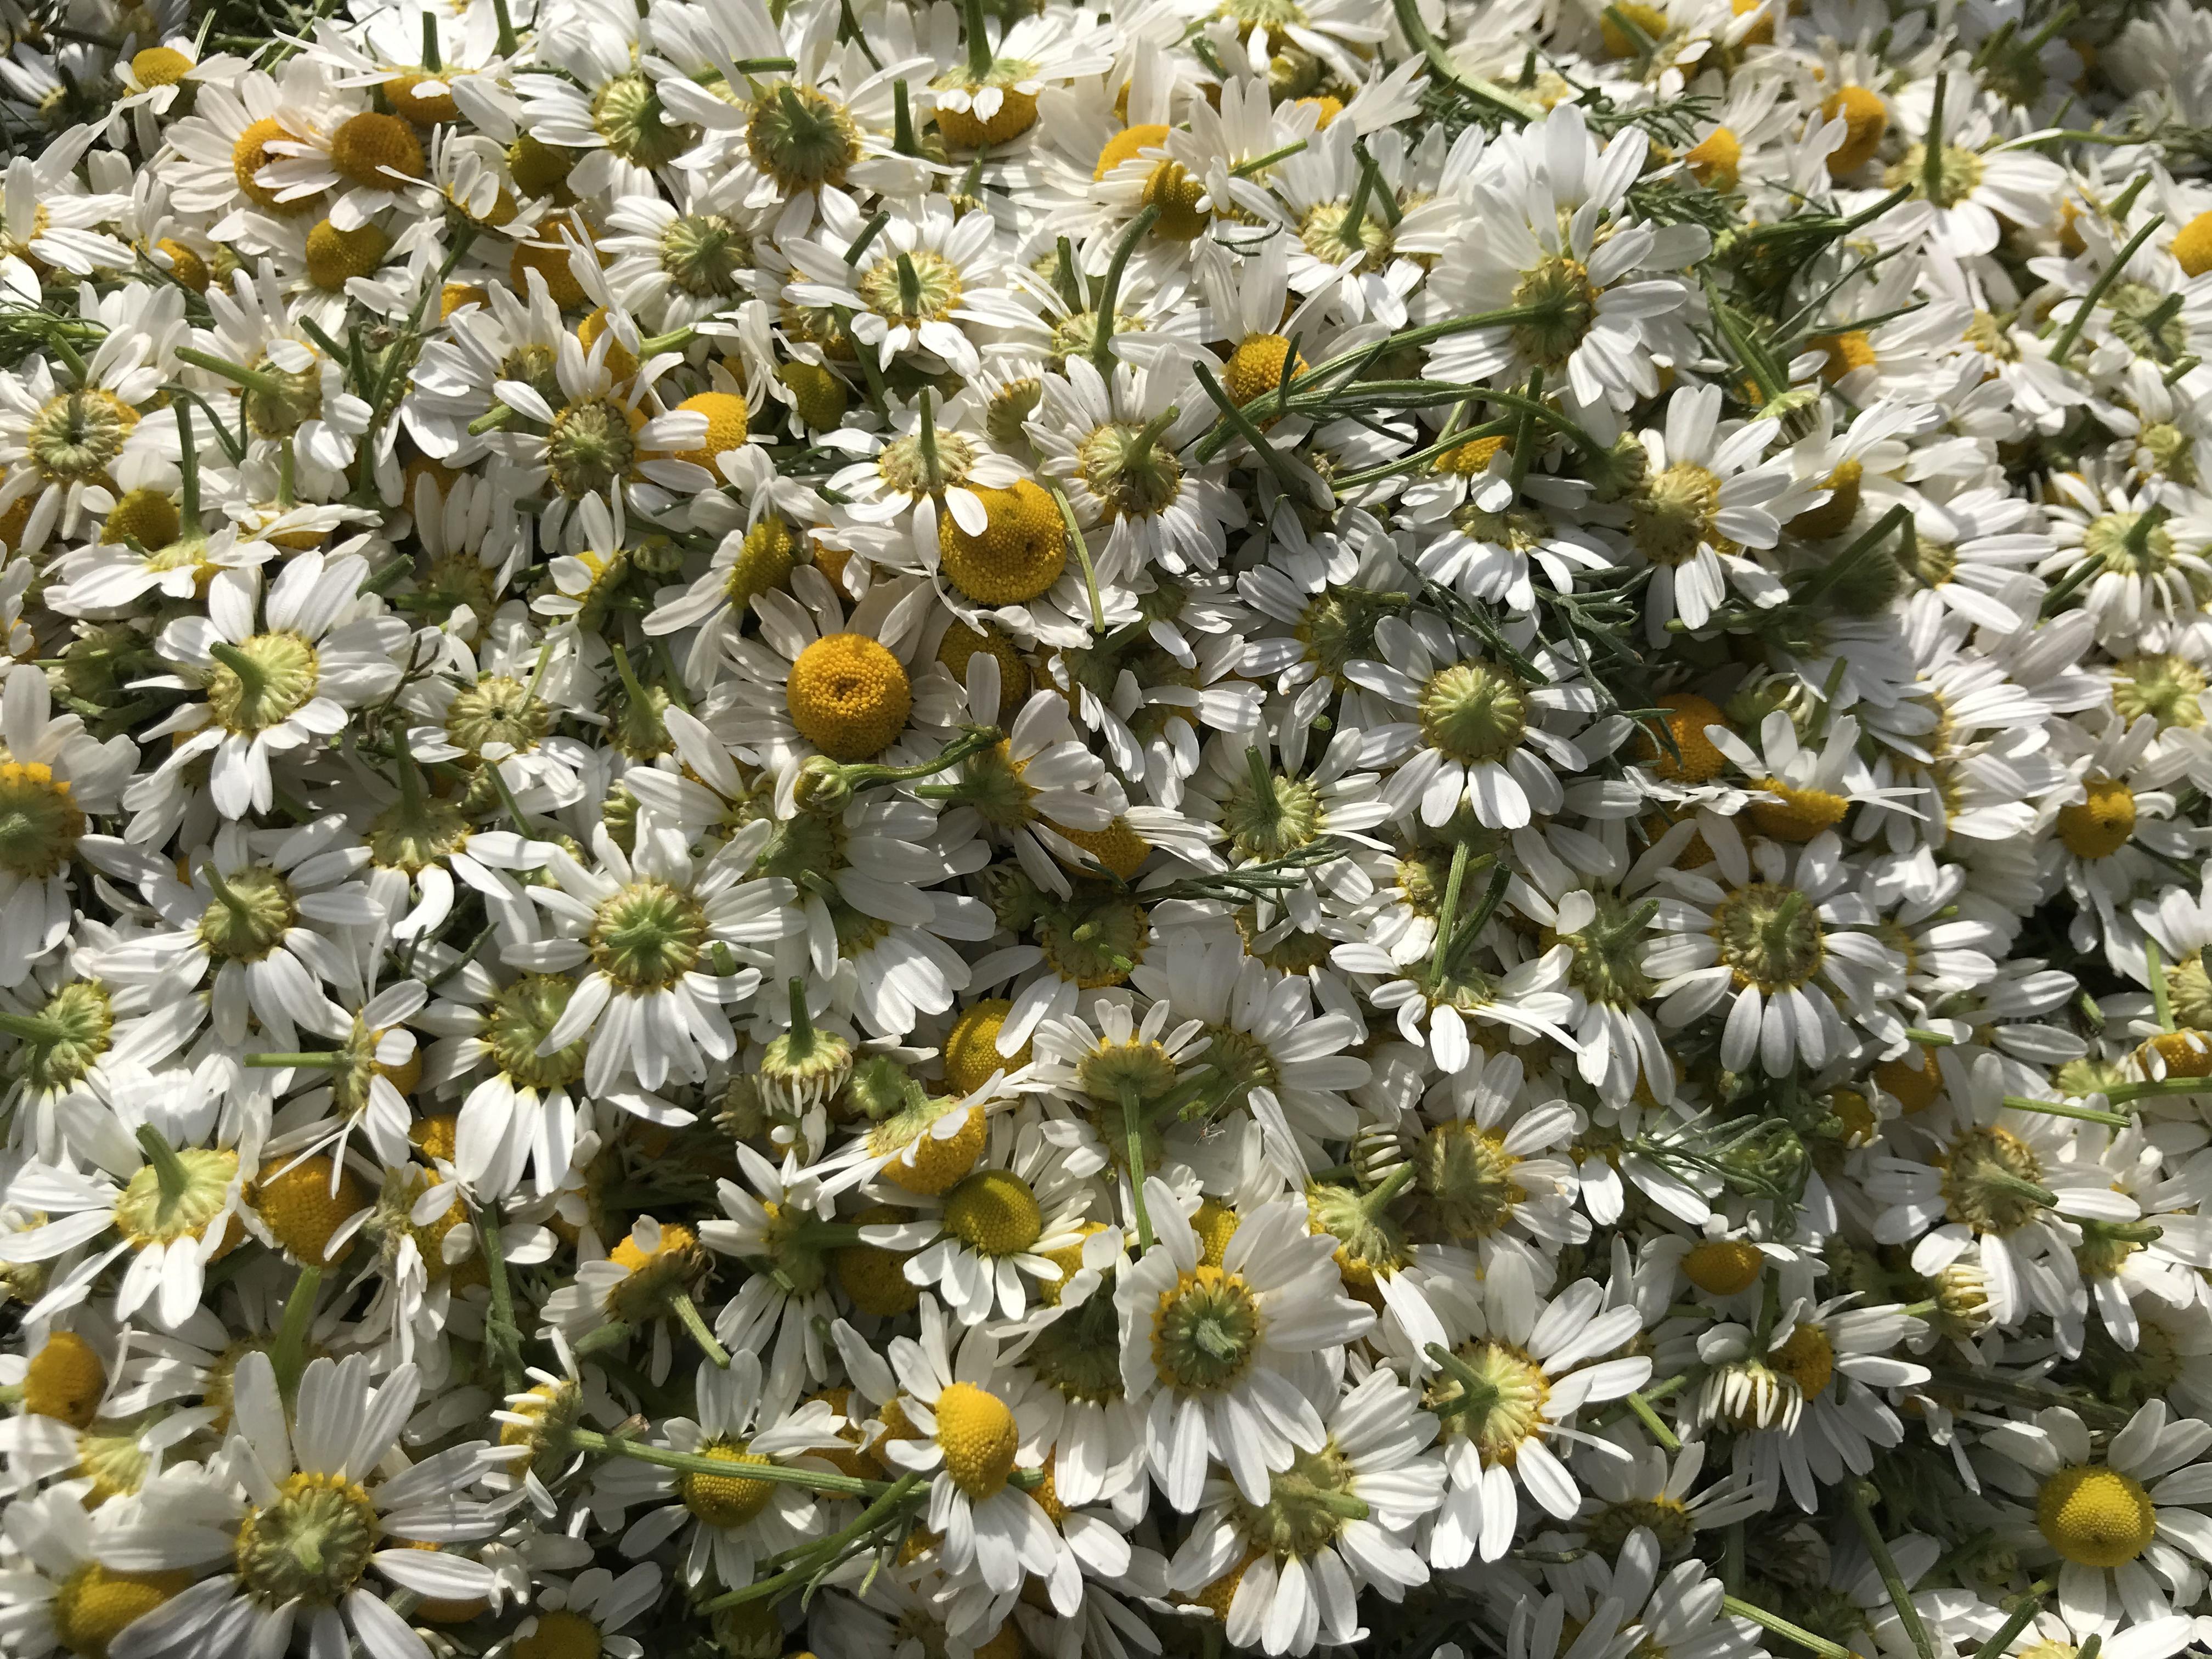 Les herbes de la iaia